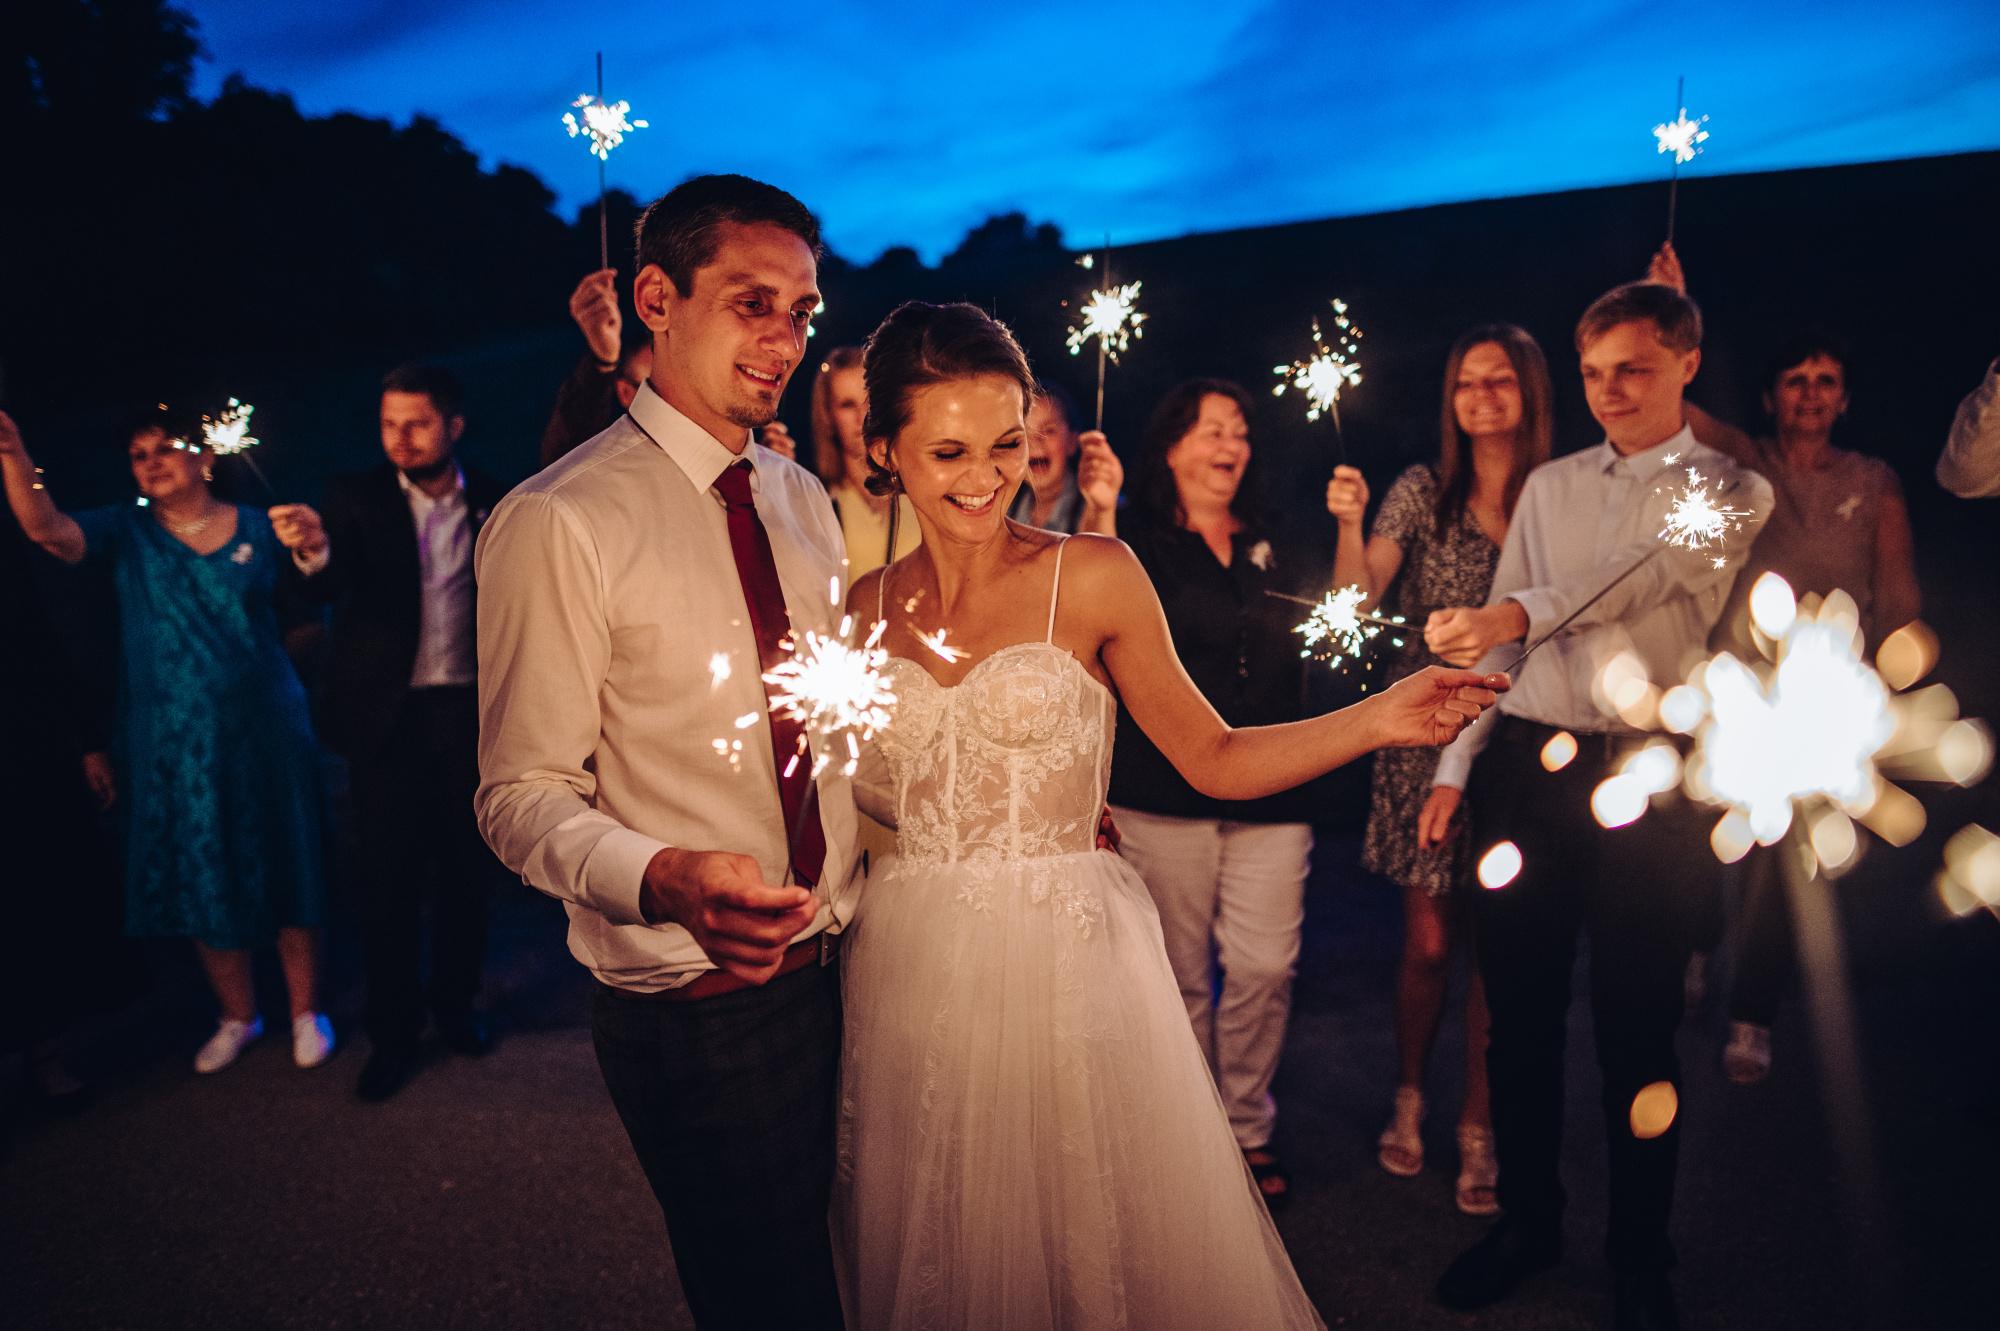 Svatební fotografie s prskavkama